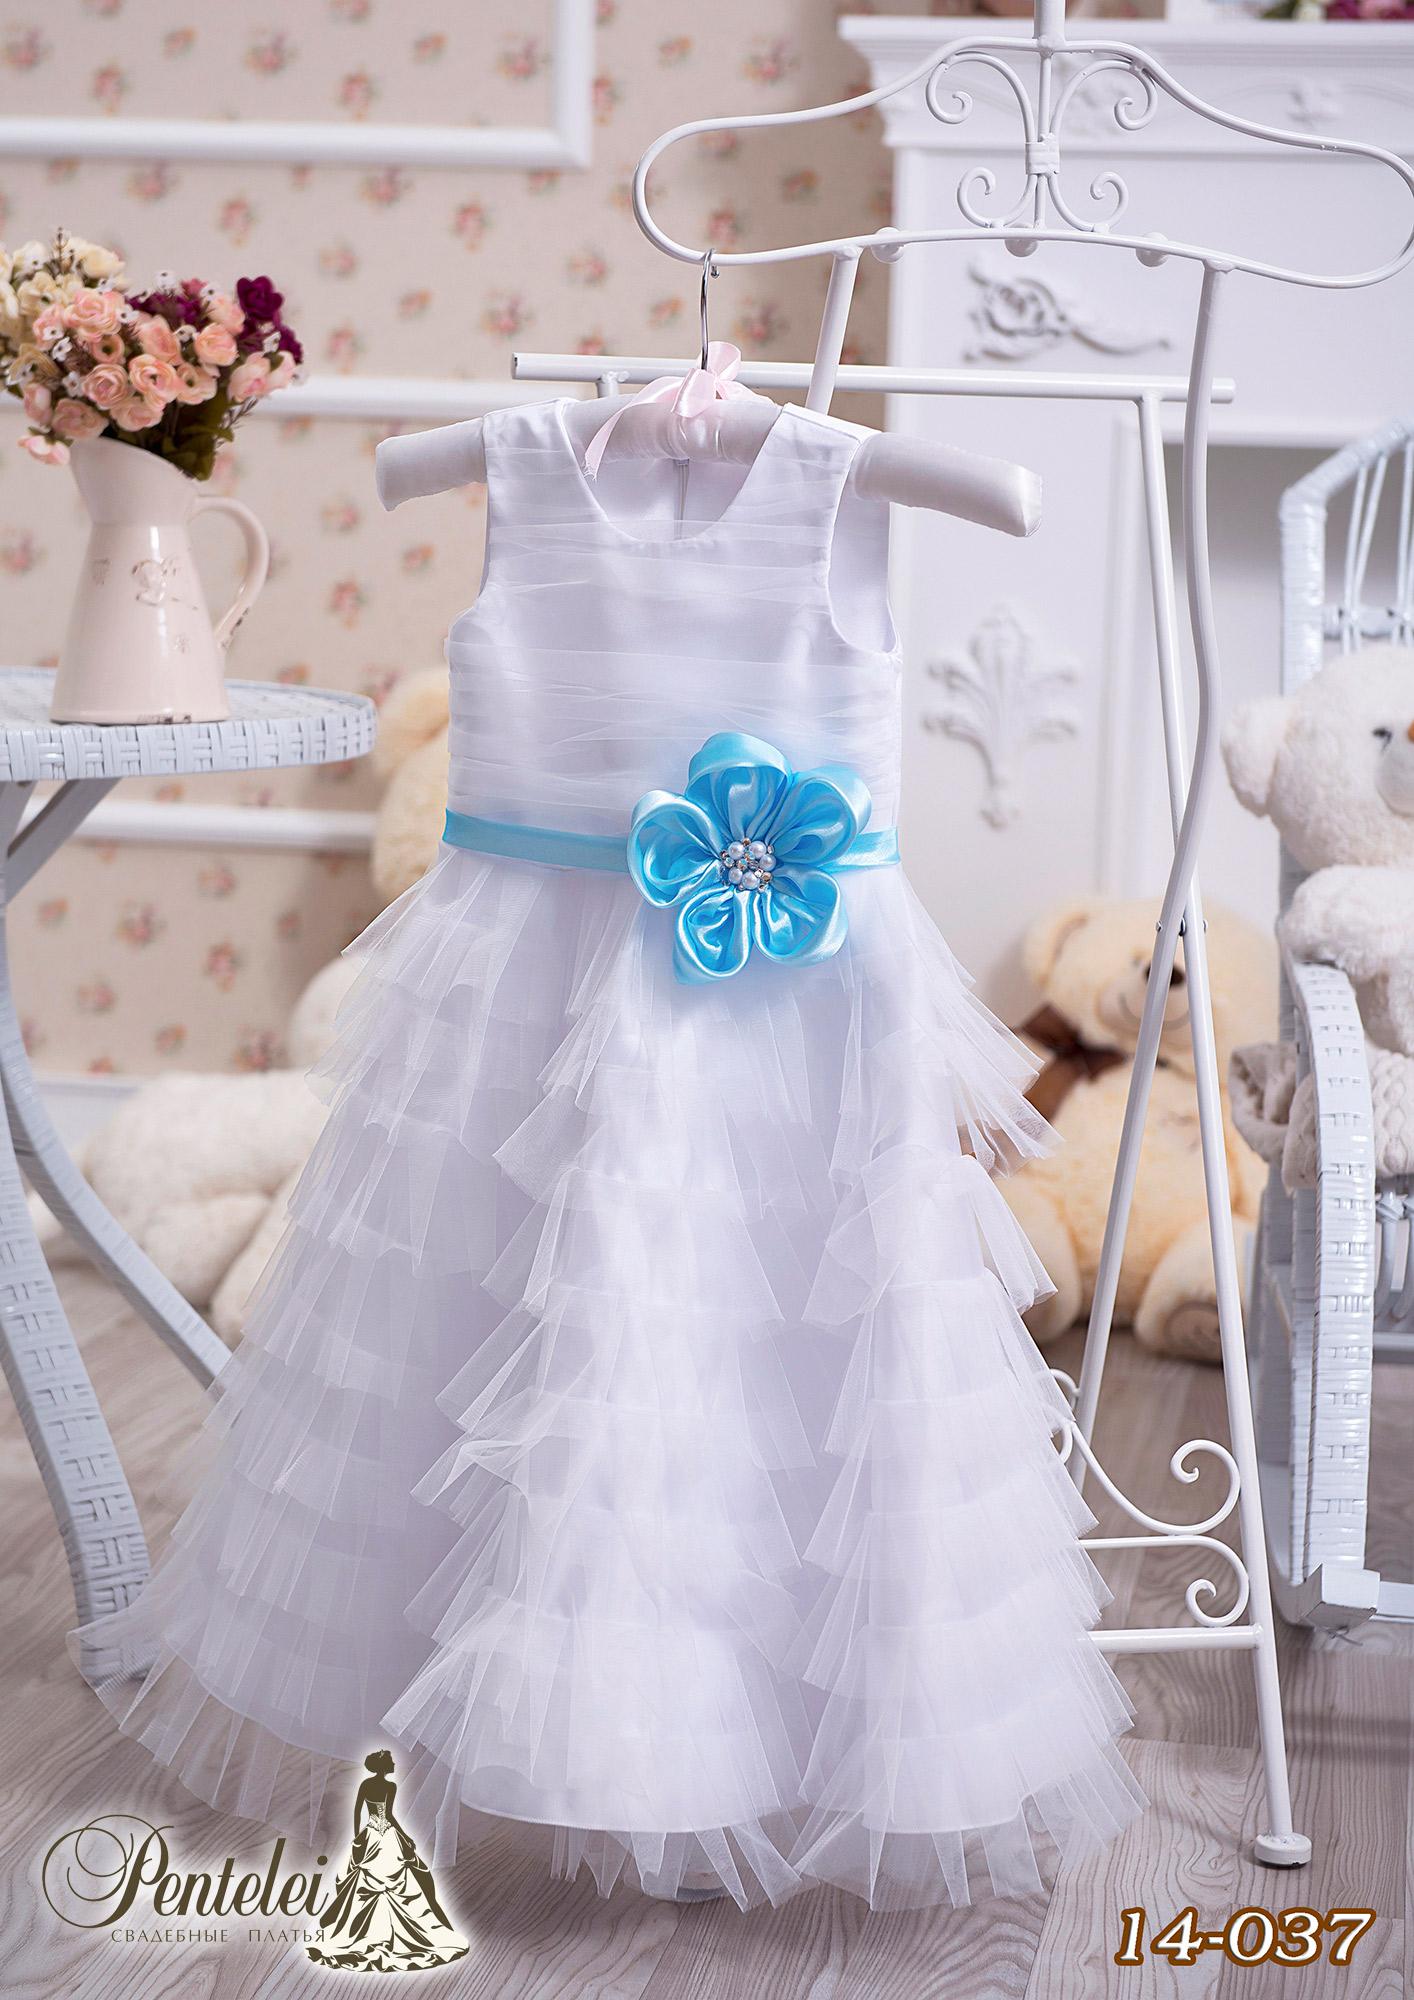 14-037 | Купити дитячі сукні оптом від Pentelei